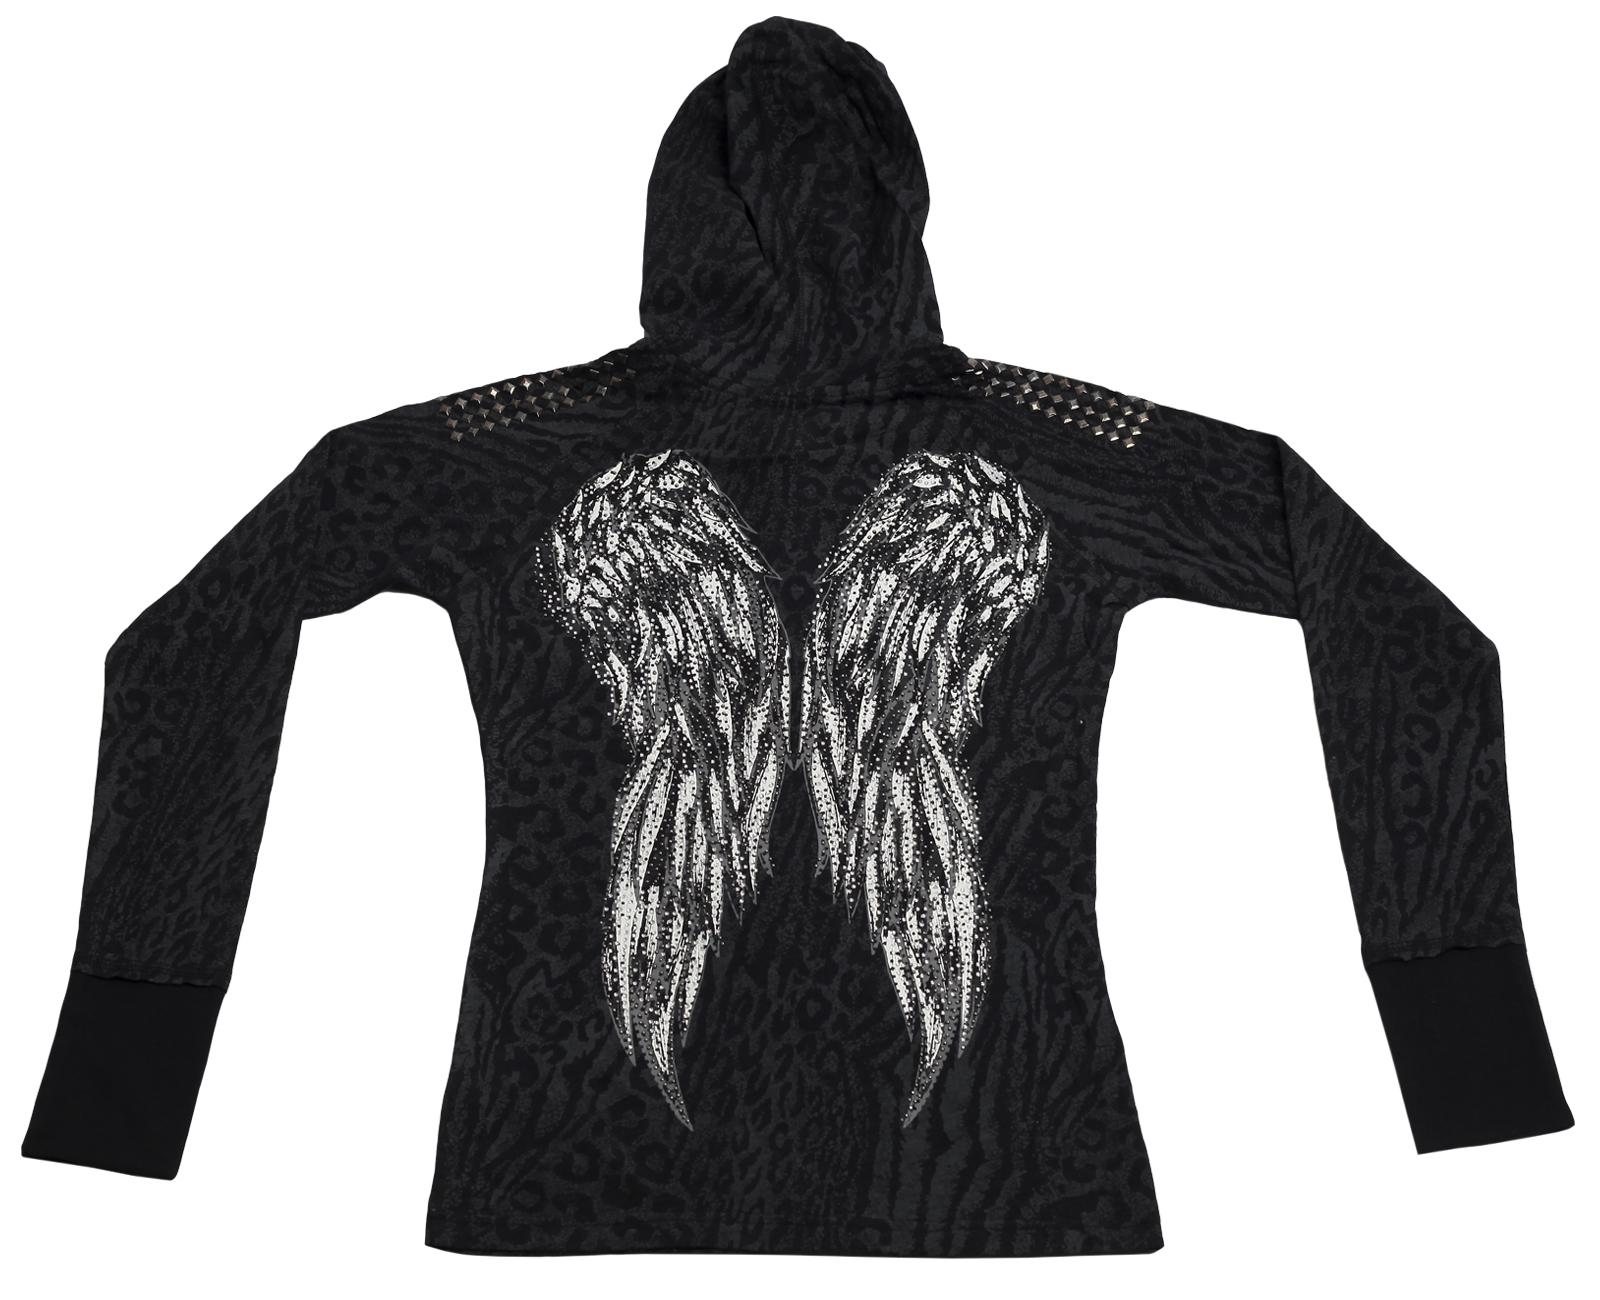 Заказать худи колоритной расцветки с крыльями ангела Rock&Roll CowGirl стильного вида по выгодной цене